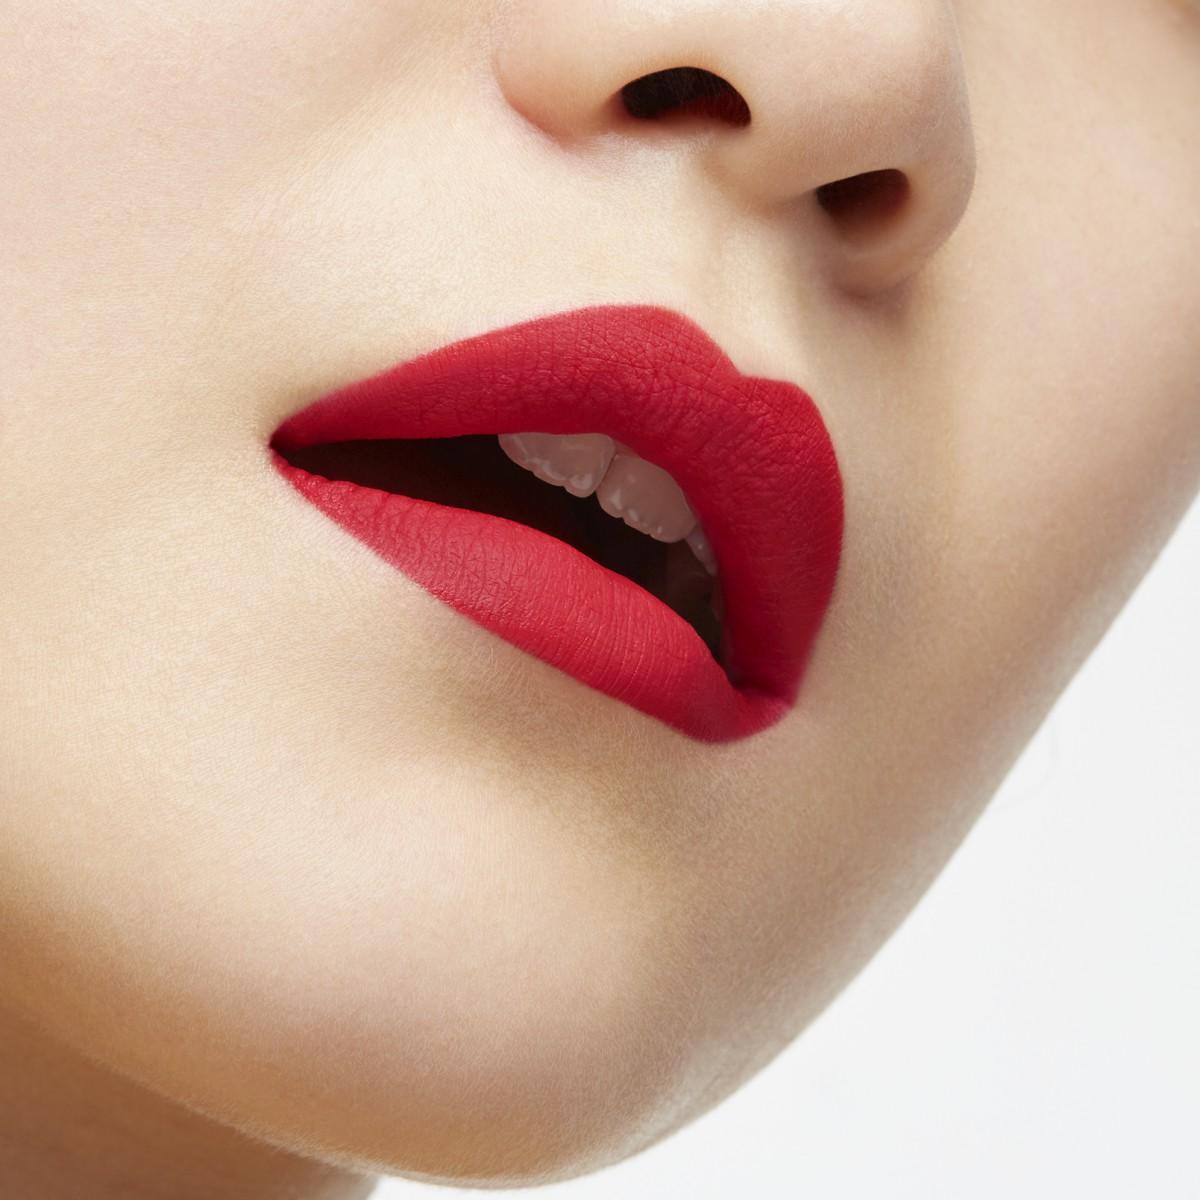 指甲油 - Altressa 唇膏系列全新唇色 - Christian Louboutin